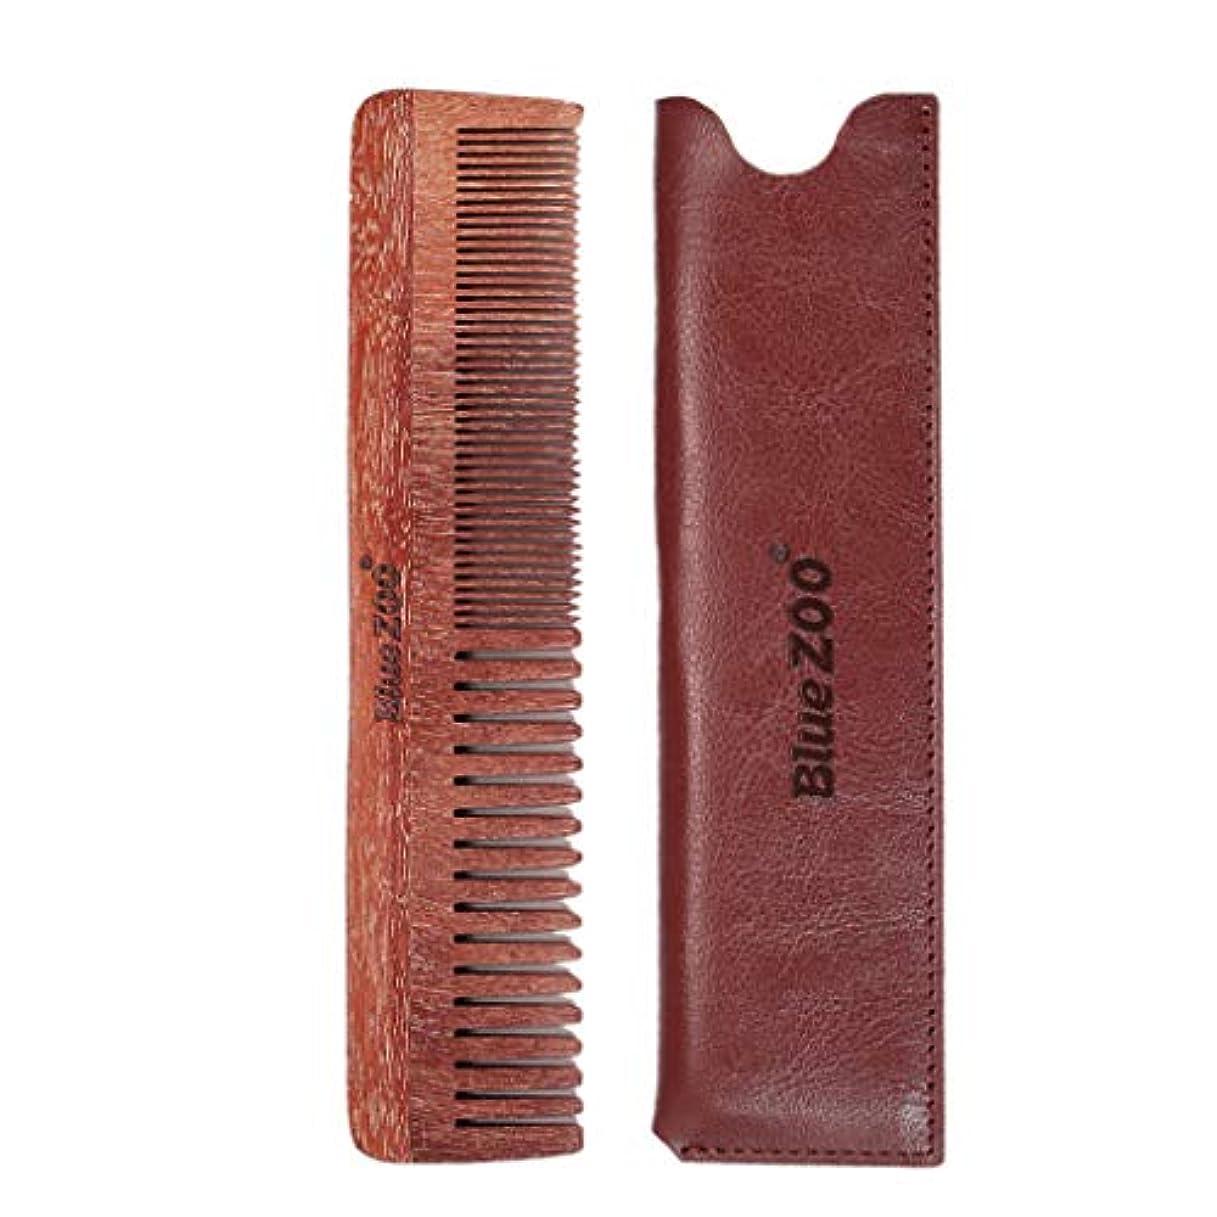 作動するナビゲーションブランド名F Fityle ビアードコーム 収納ケース 男性 プレゼント ウッド ヘアブラシ 櫛 2色選べ - 褐色